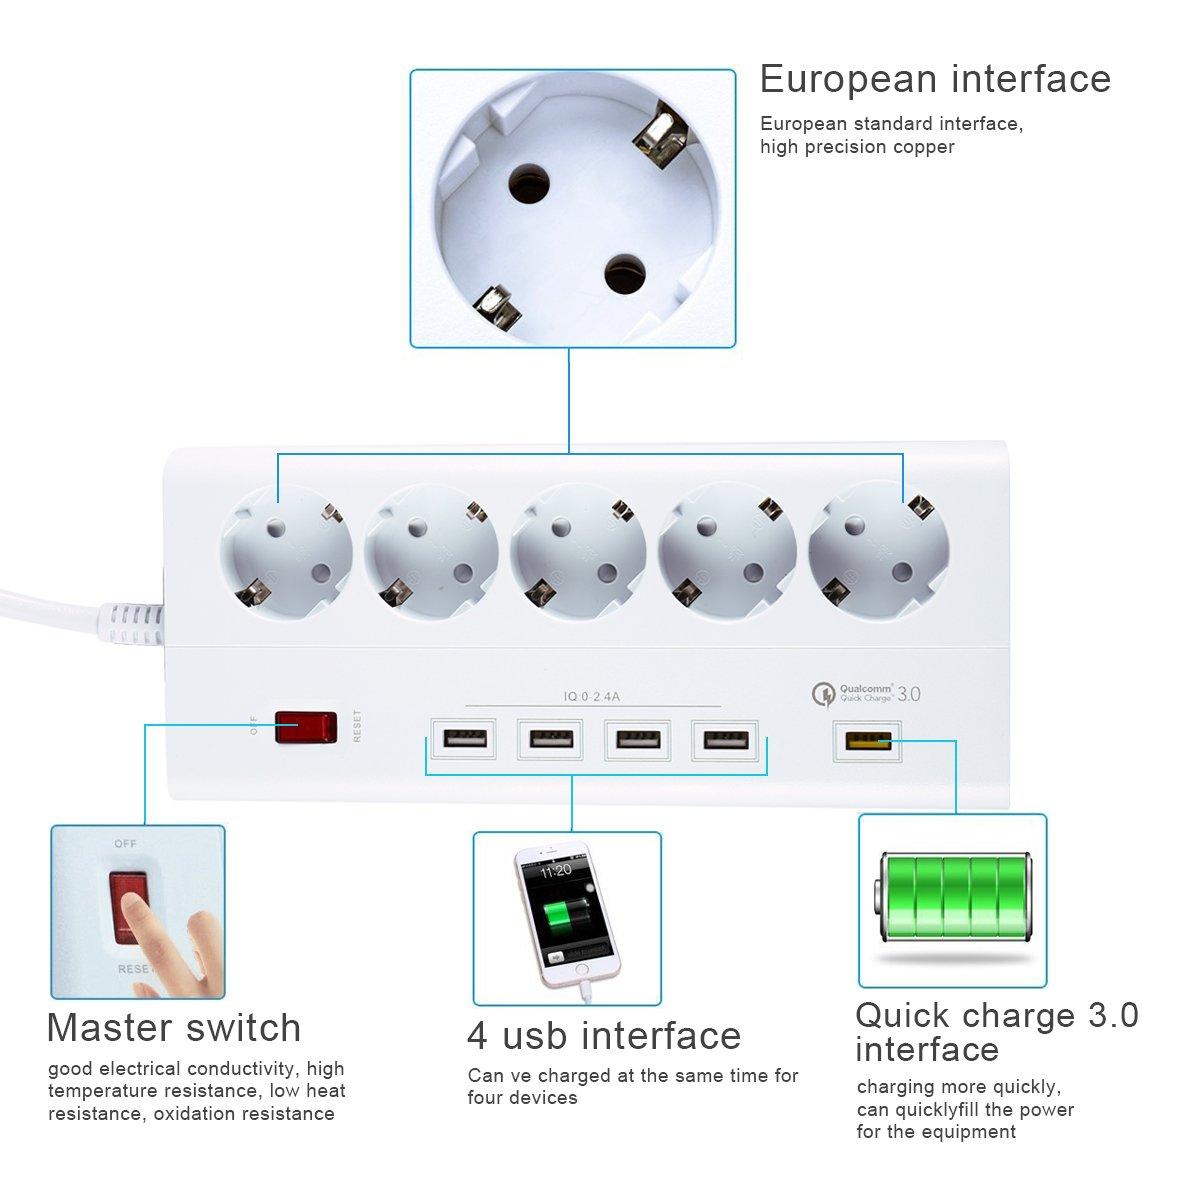 Regleta enchufe, Regleta con 5 Tomas +5 puertos USB  Concentrador (4 de 5V/2.4A y 1 de QC3.0) + Cable De 1.8M, Sweetchestnut adaptador multifunción USB con interruptor LED indicador (UE) - 4000W